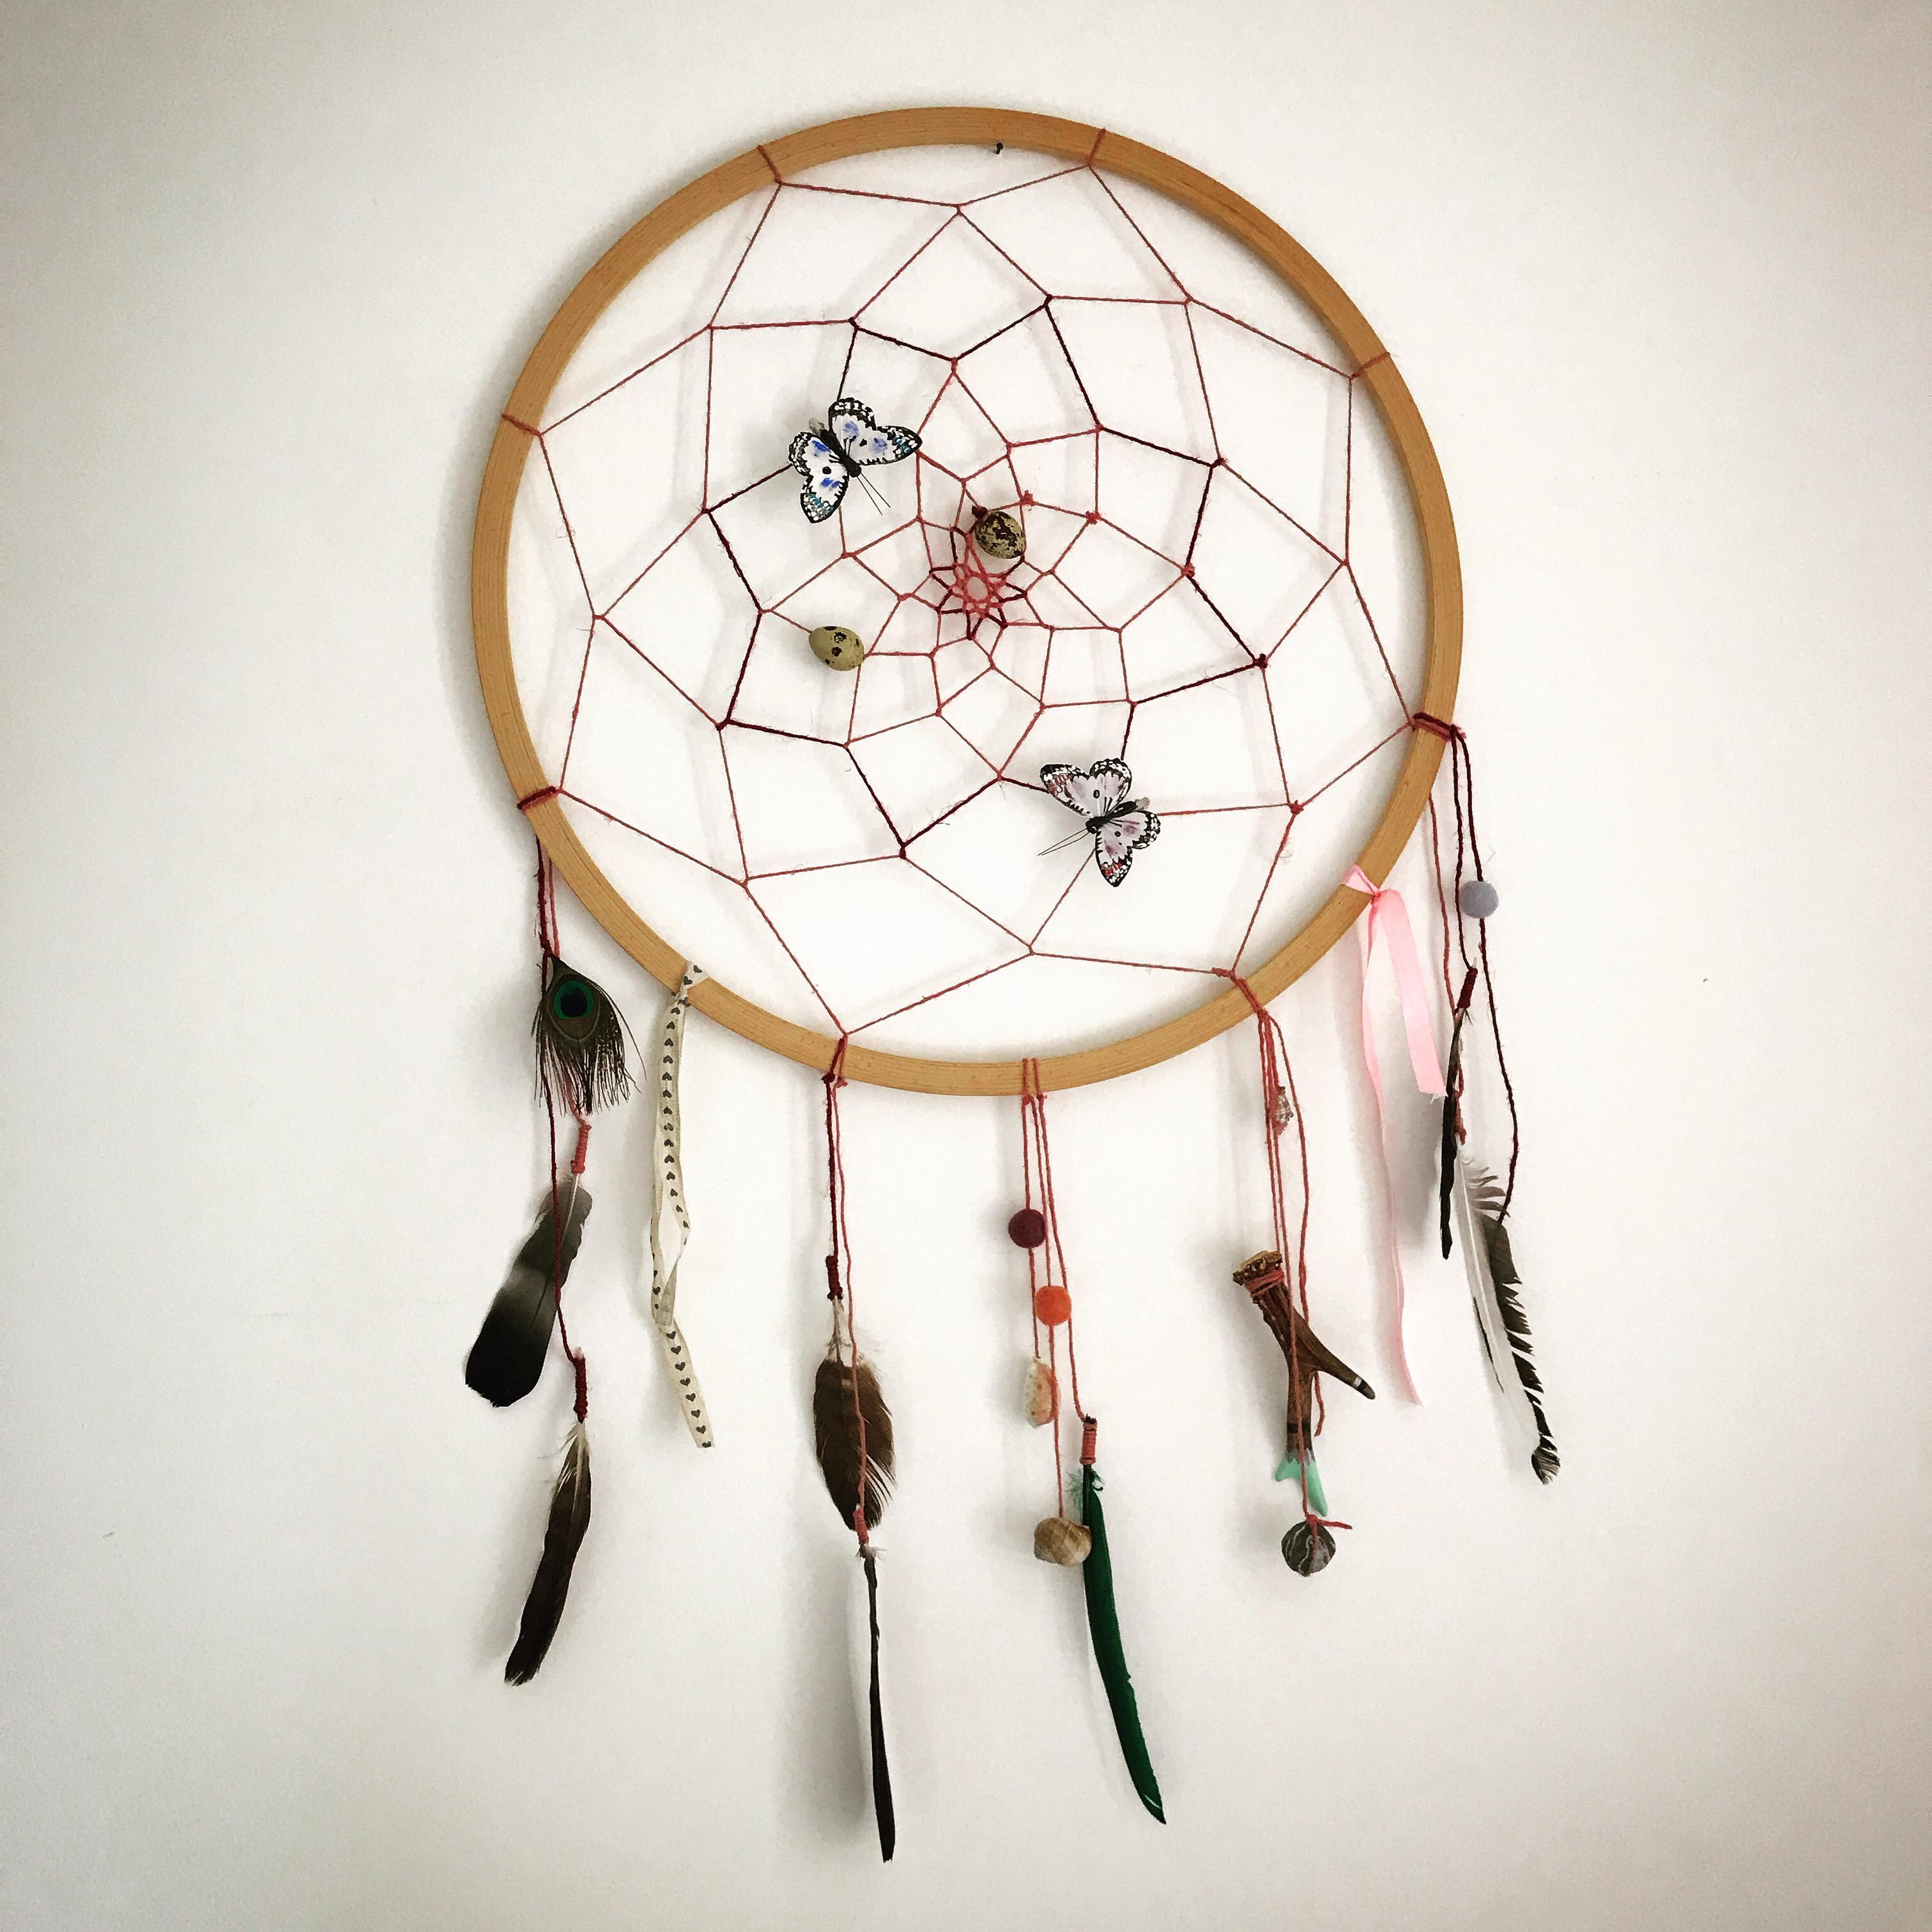 Attrape-rêve, mlam, noiram, création organique, plumes, oeufs de caille, papillons